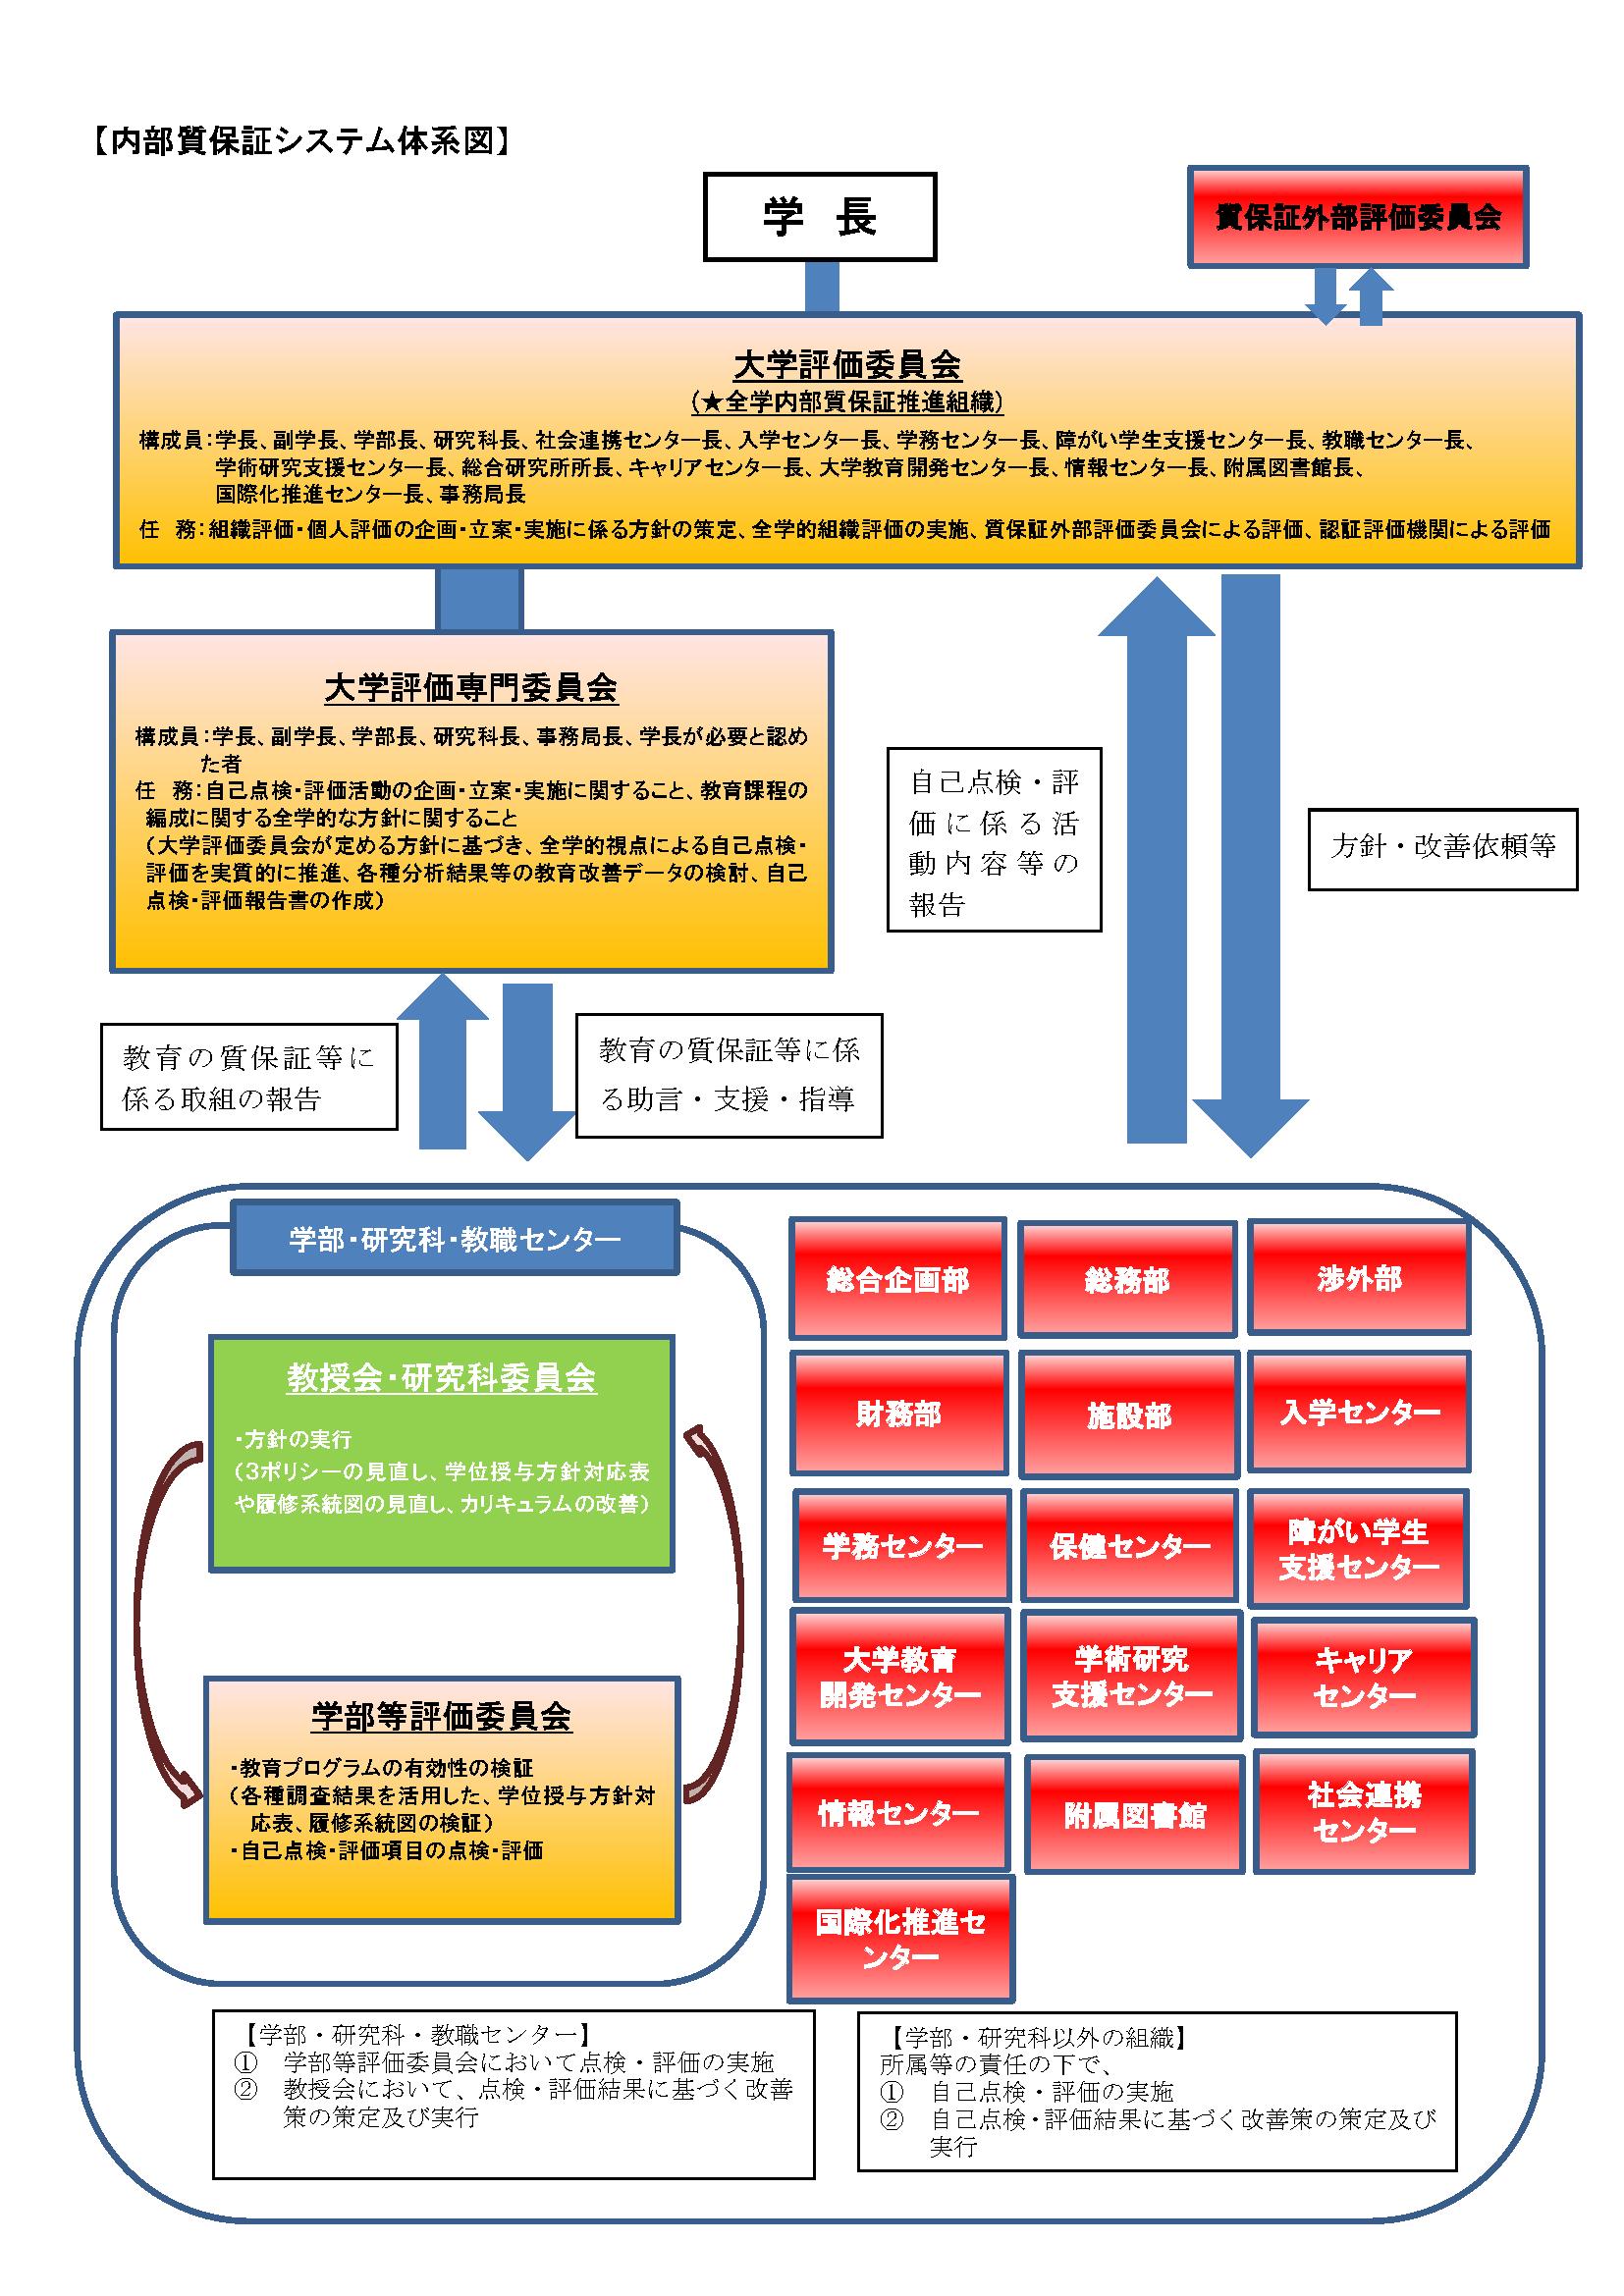 内部質保証システム体系図